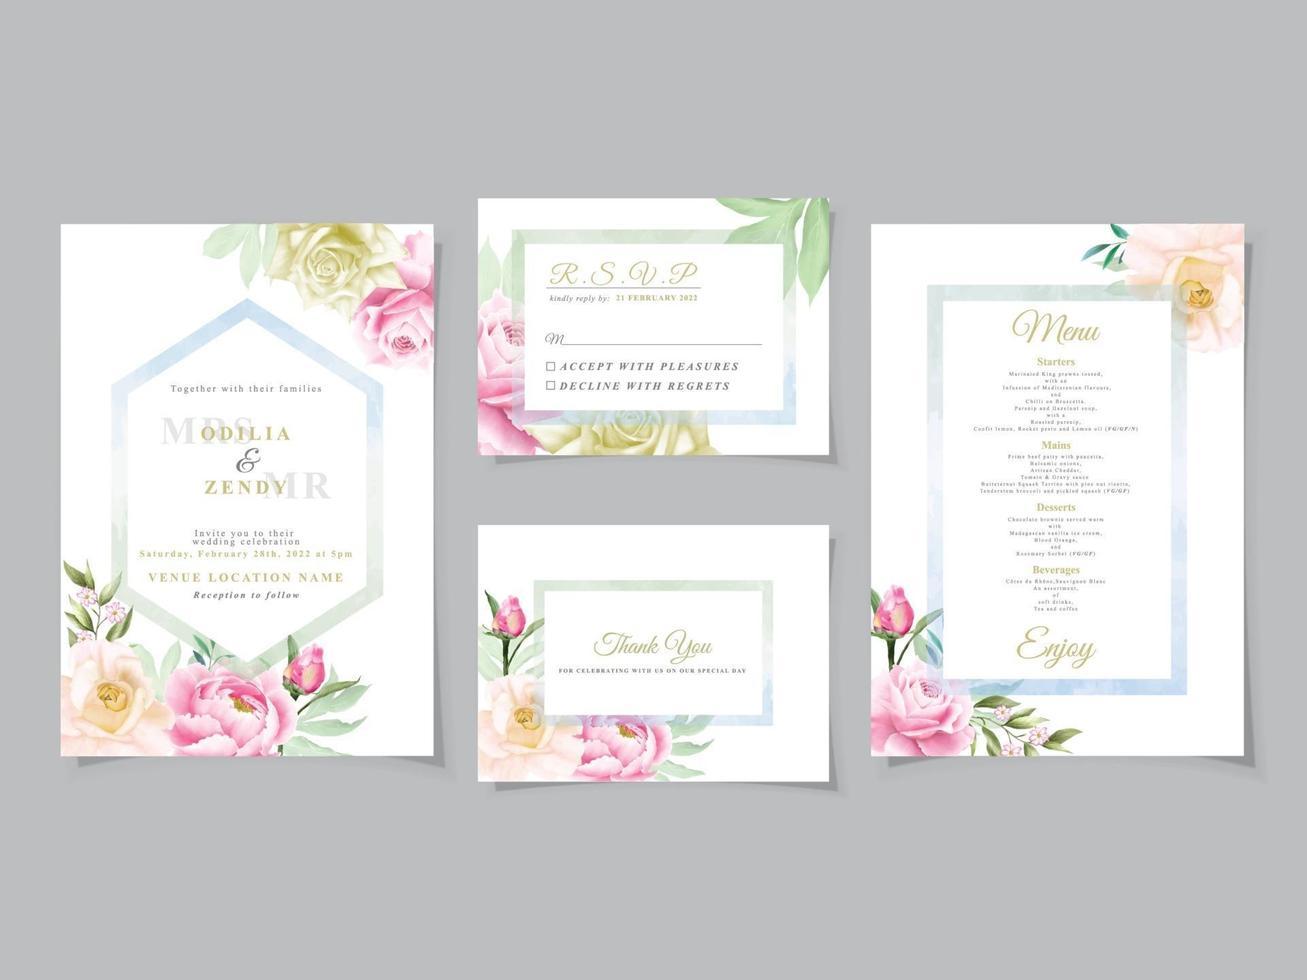 carta di nozze acquerello floreale romantico vettore